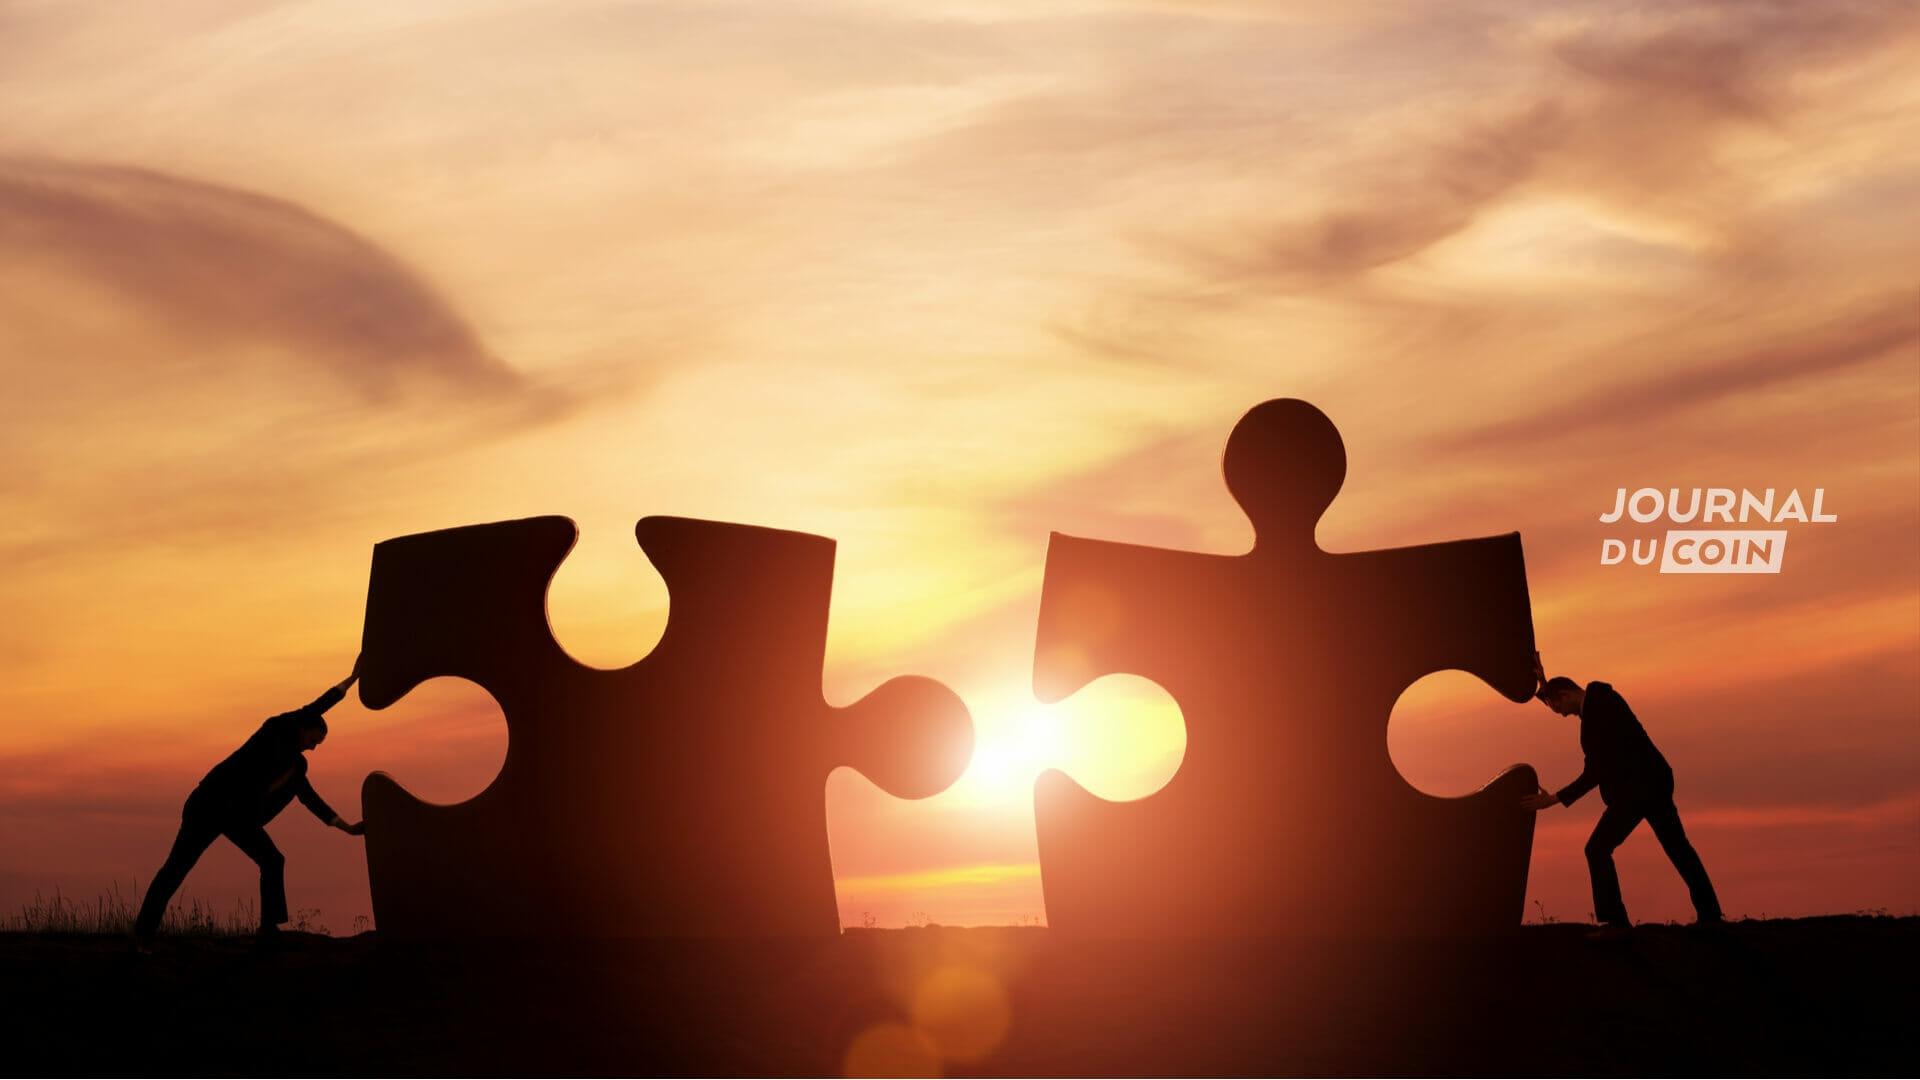 Ethereum et Polkadot : et si une plateforme parvenait à réunir le meilleur des deux protocoles ?